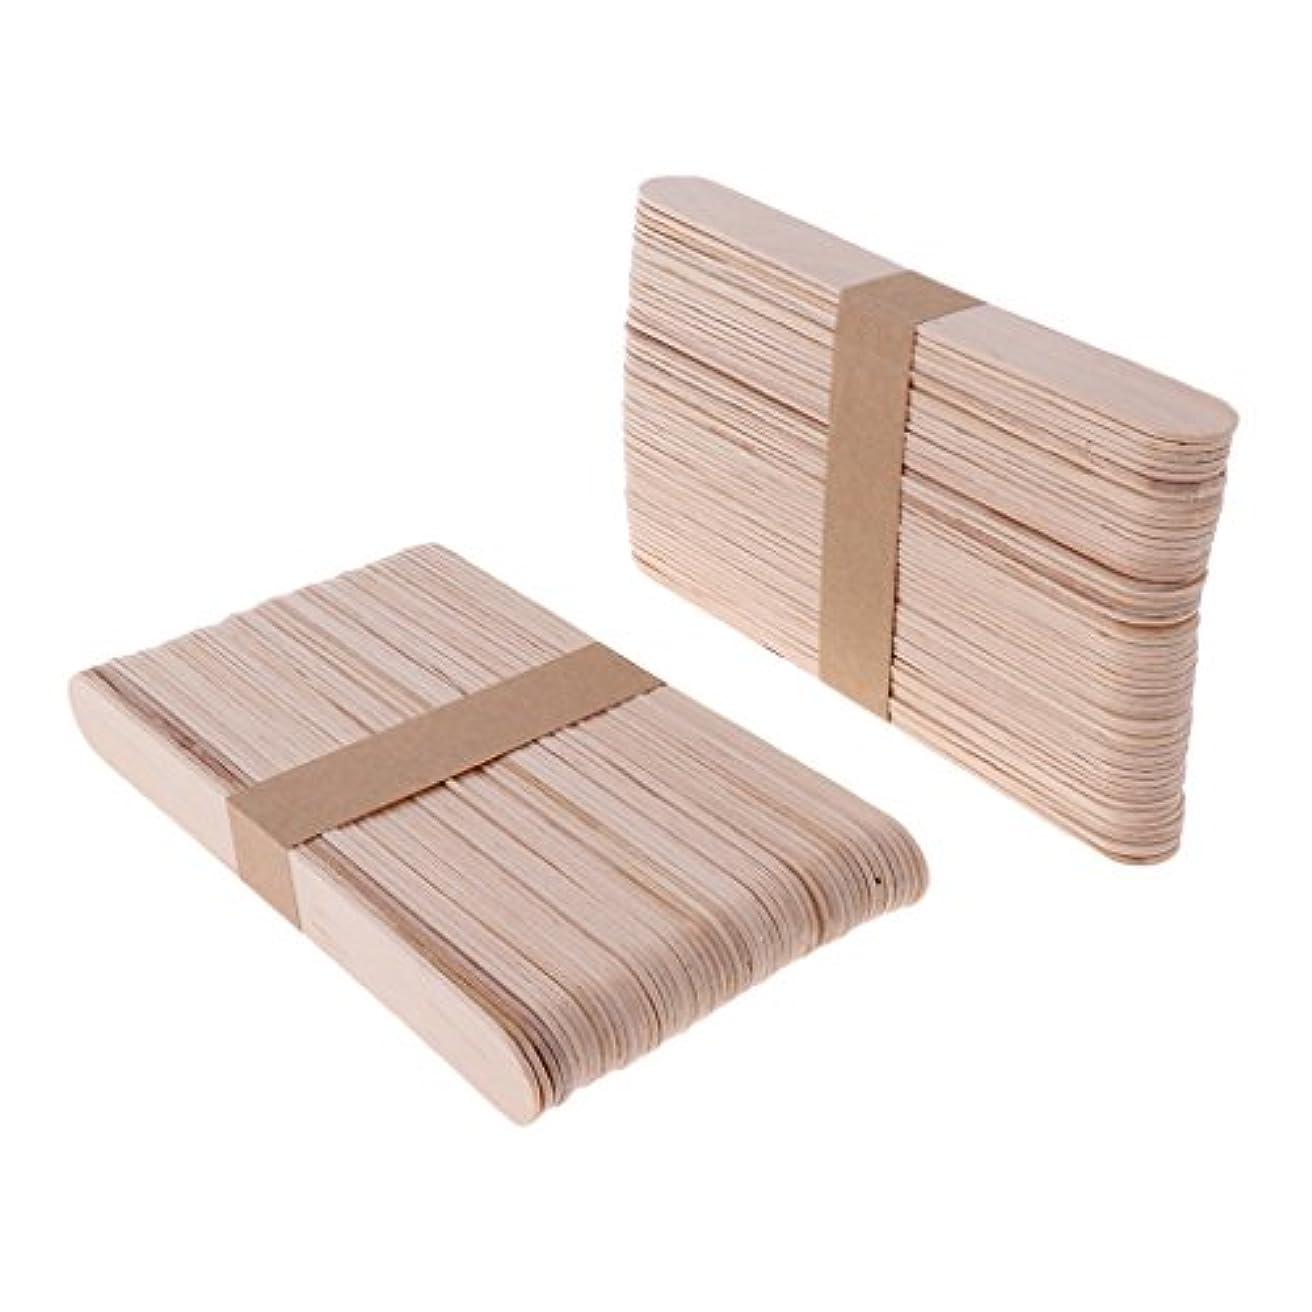 起こりやすい花火振動する木材スティック 脱毛 ワックス用 体毛除去 ウッド ワックススパチュラ 便利 200個 2サイズ - L